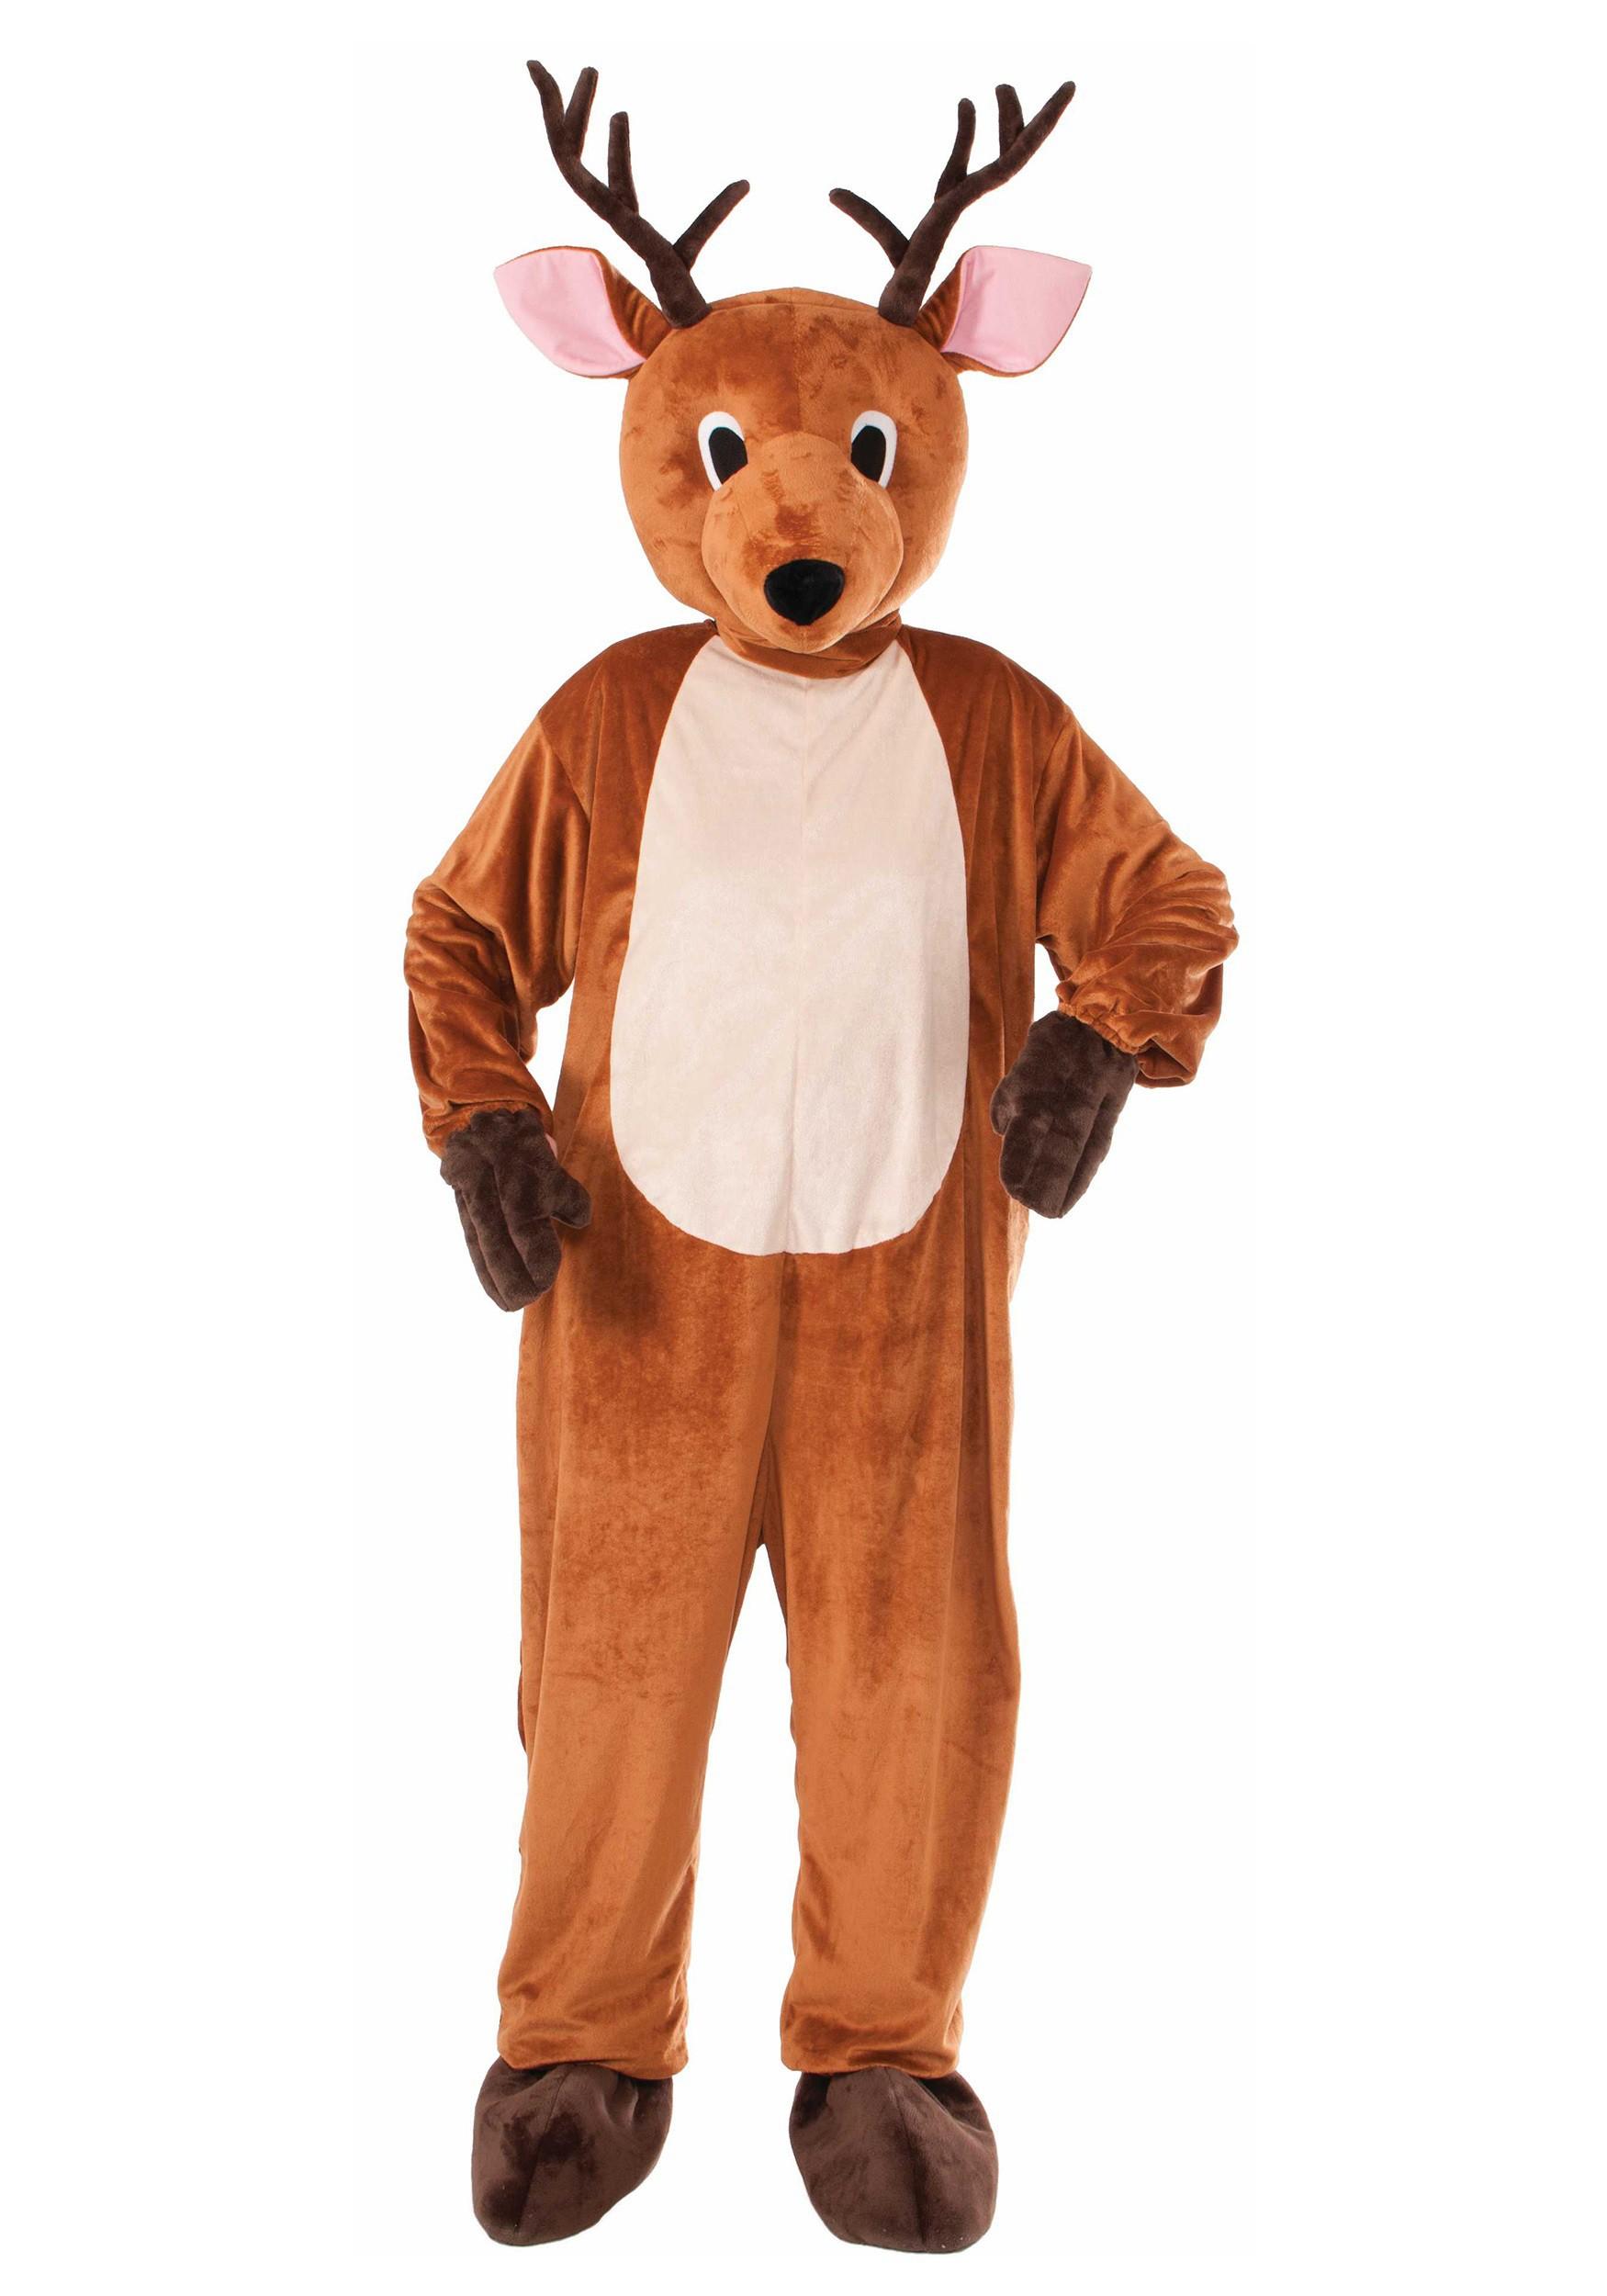 Adult Mascot Costumes 9